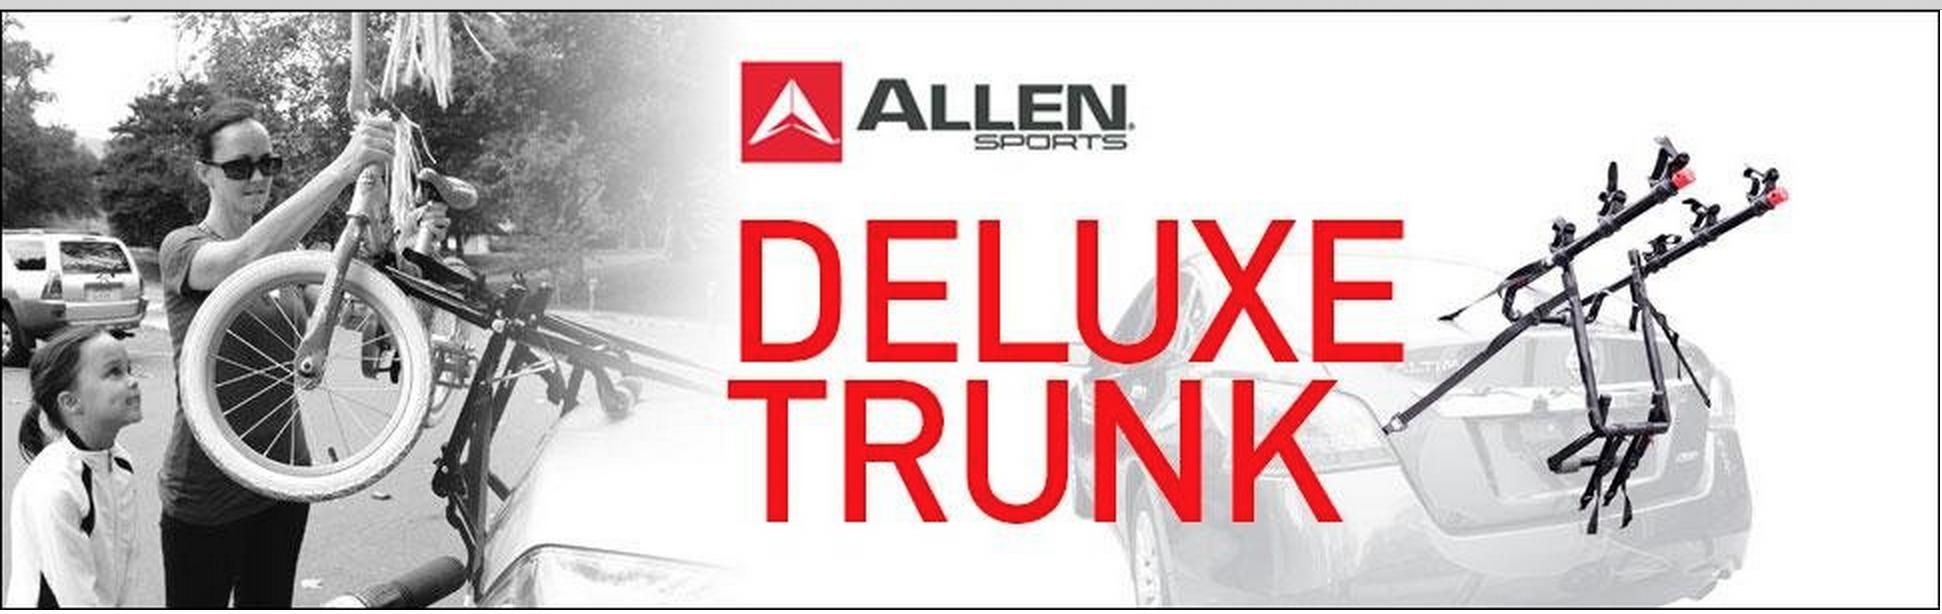 allen-deluxe-trunk